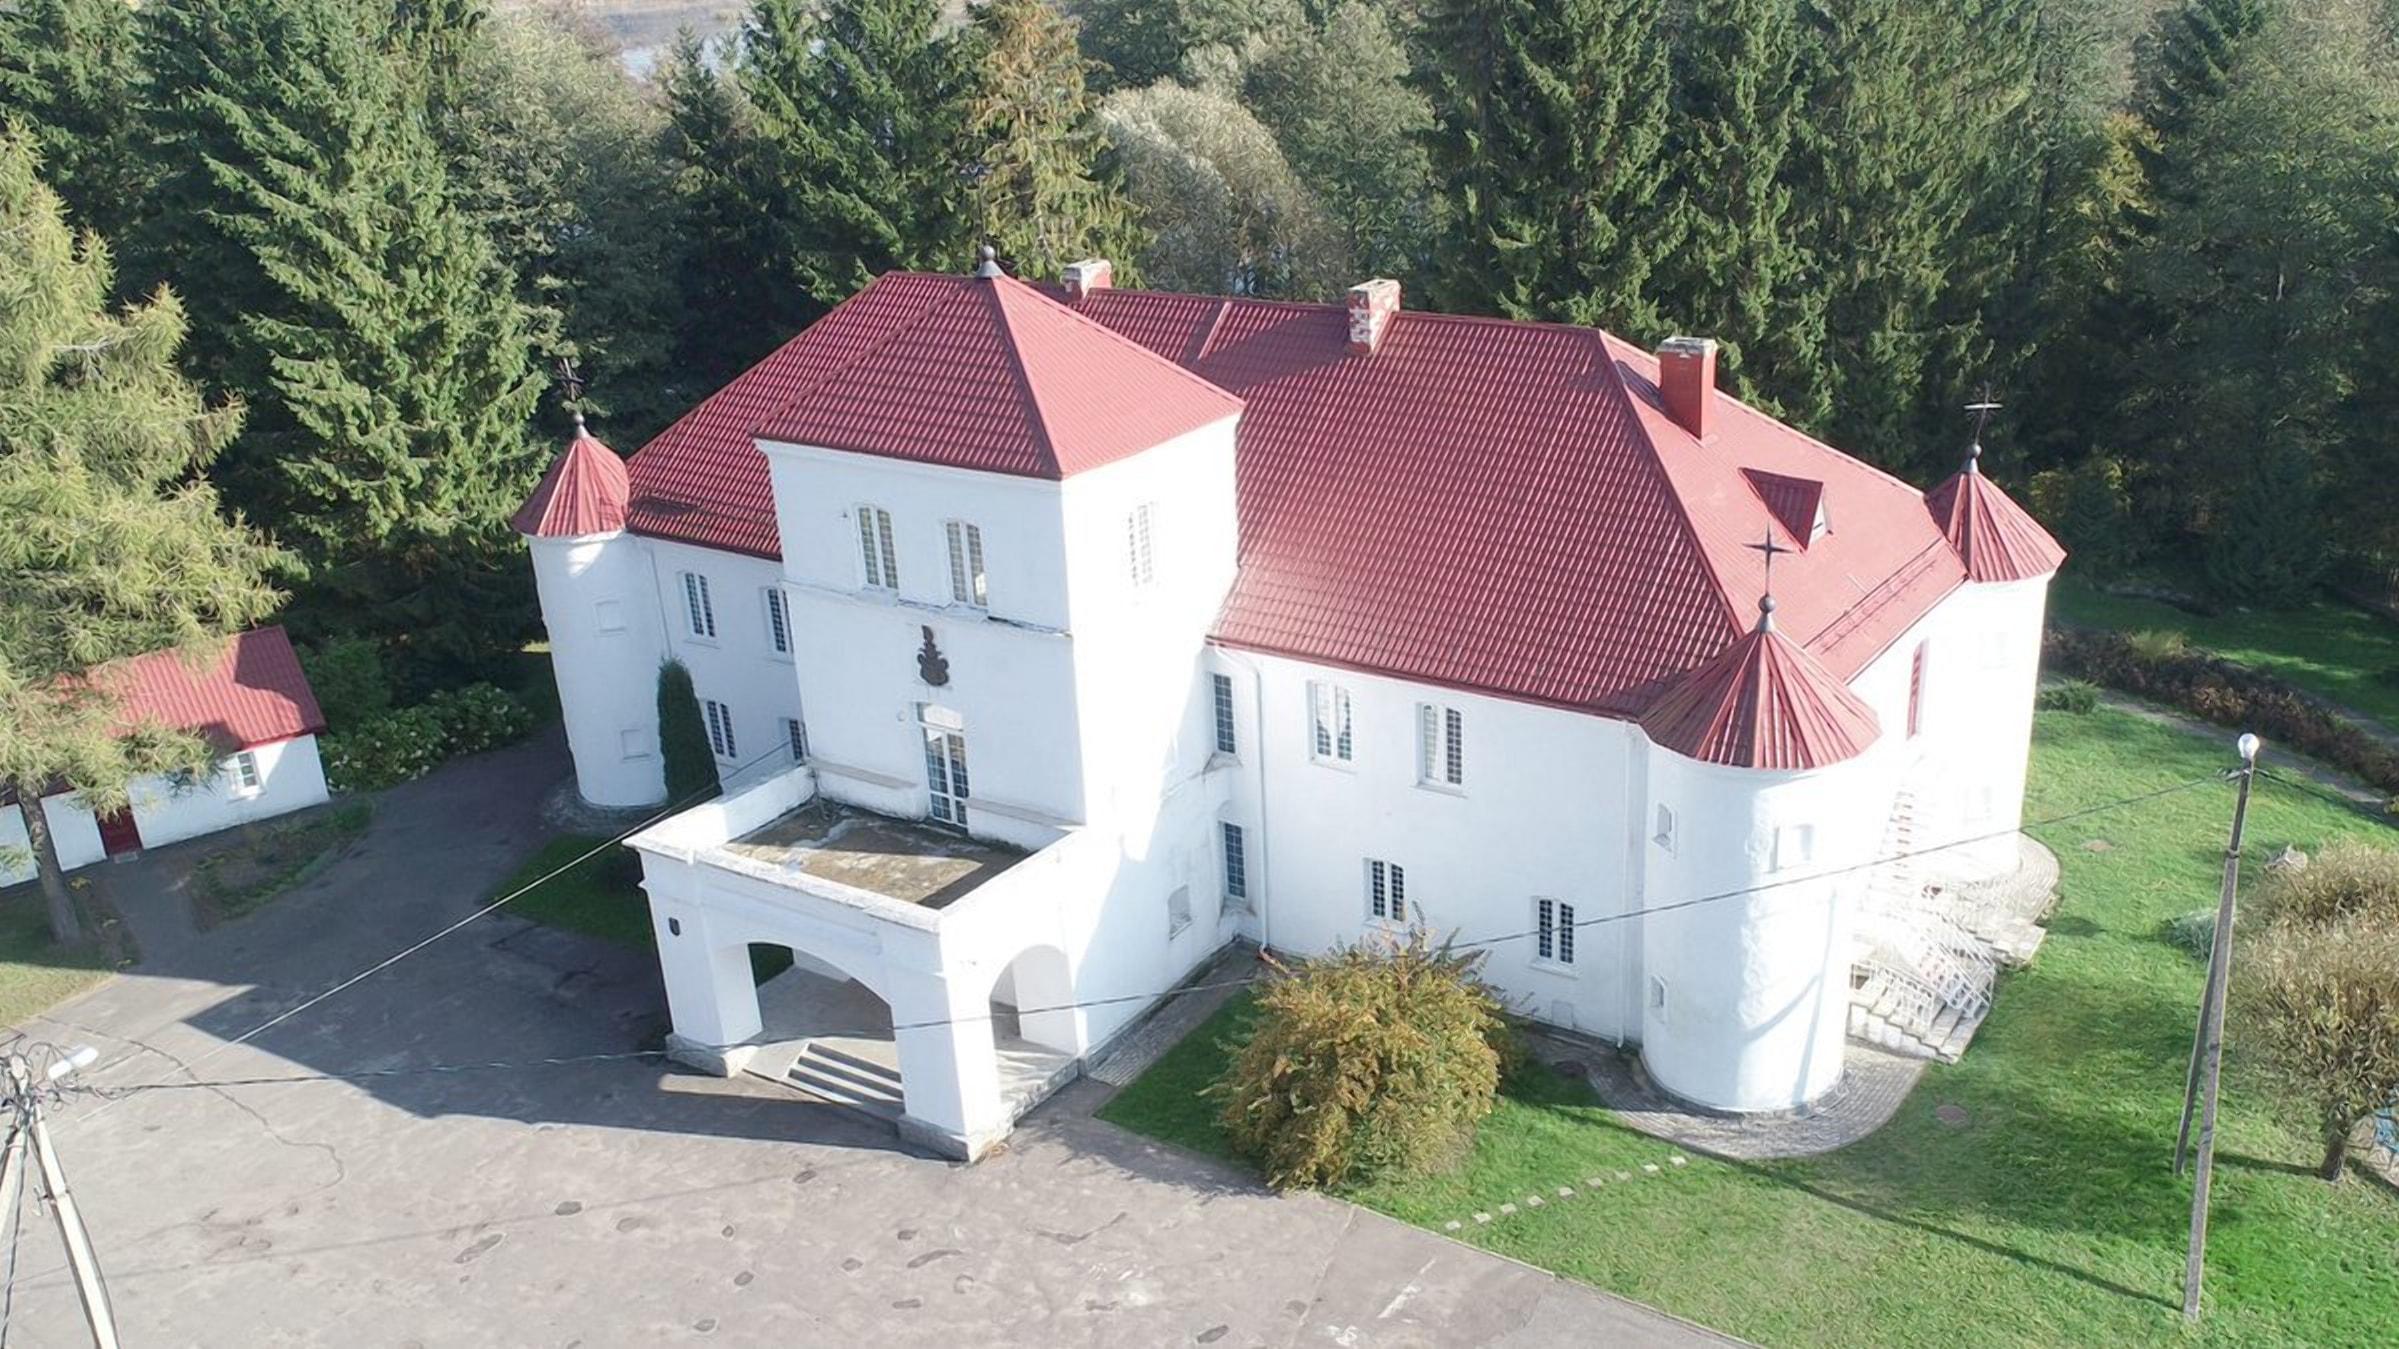 Дом-замок был выстроен в лесу на берегу реки